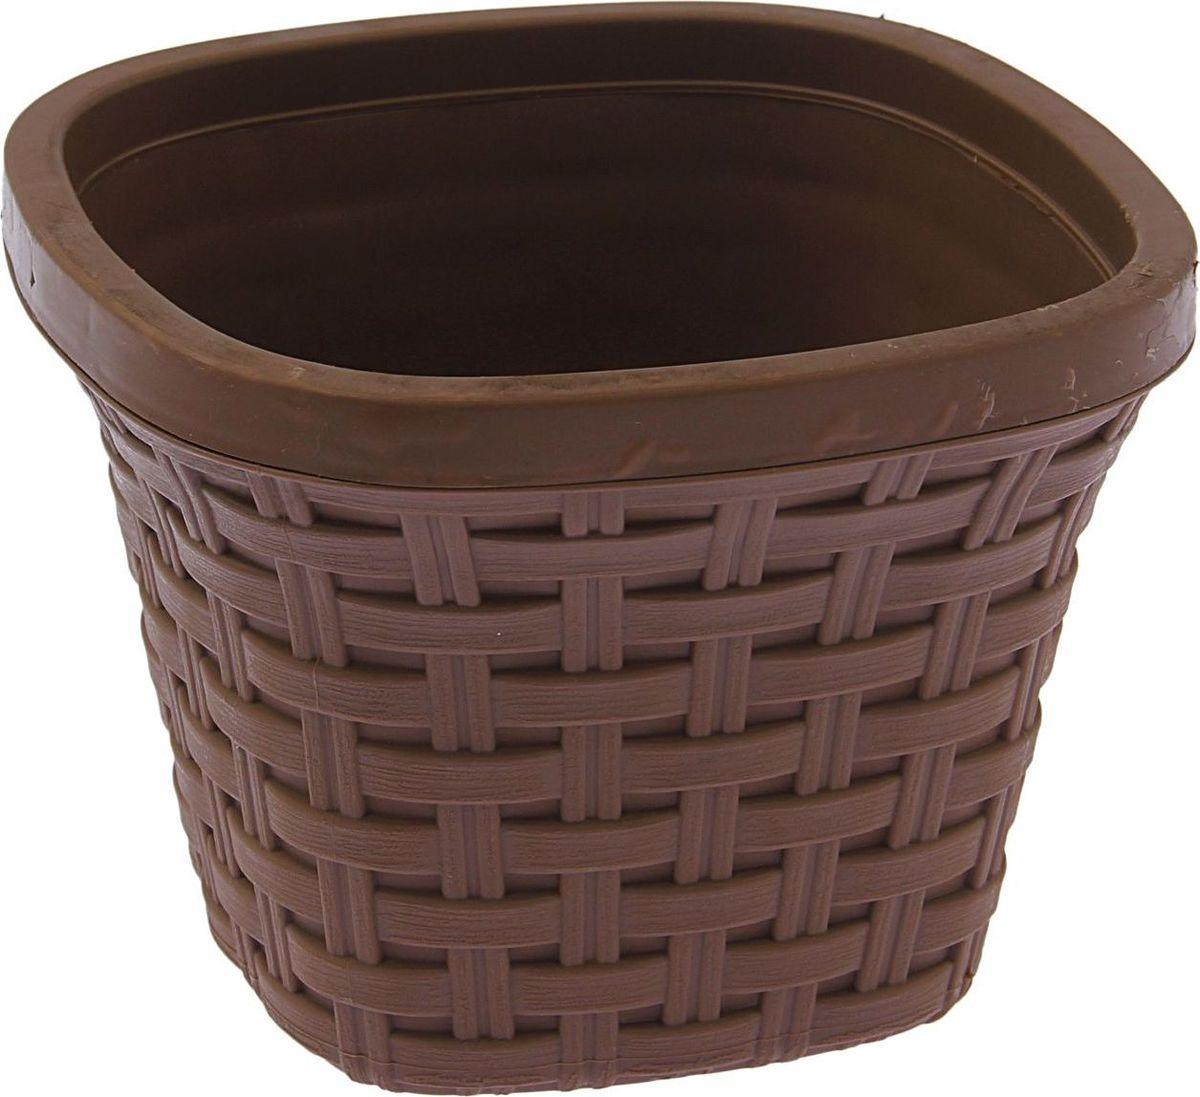 Кашпо квадратное Violet Ротанг, с дренажной системой, цвет: какао, 1,3 л1004900000360Квадратное кашпо Violet Ротанг изготовлено из высококачественного пластика и оснащено дренажной системой для быстрого отведения избытка воды при поливе. Изделие прекрасно подходит для выращивания растений и цветов в домашних условиях. Объем: 1,3 л.